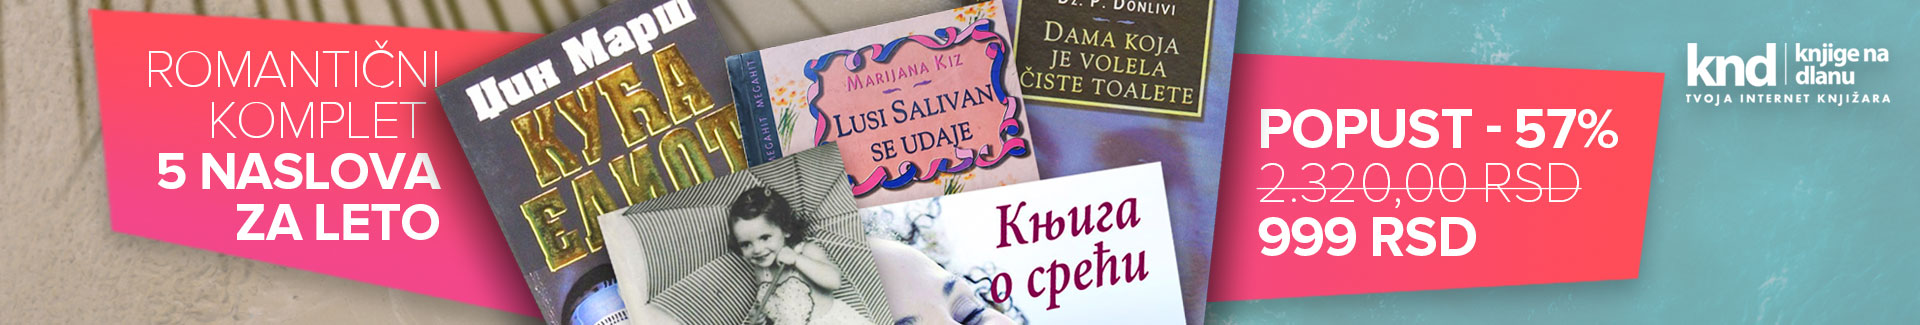 Romantični komplet za LETO – 5 knjiga za 999